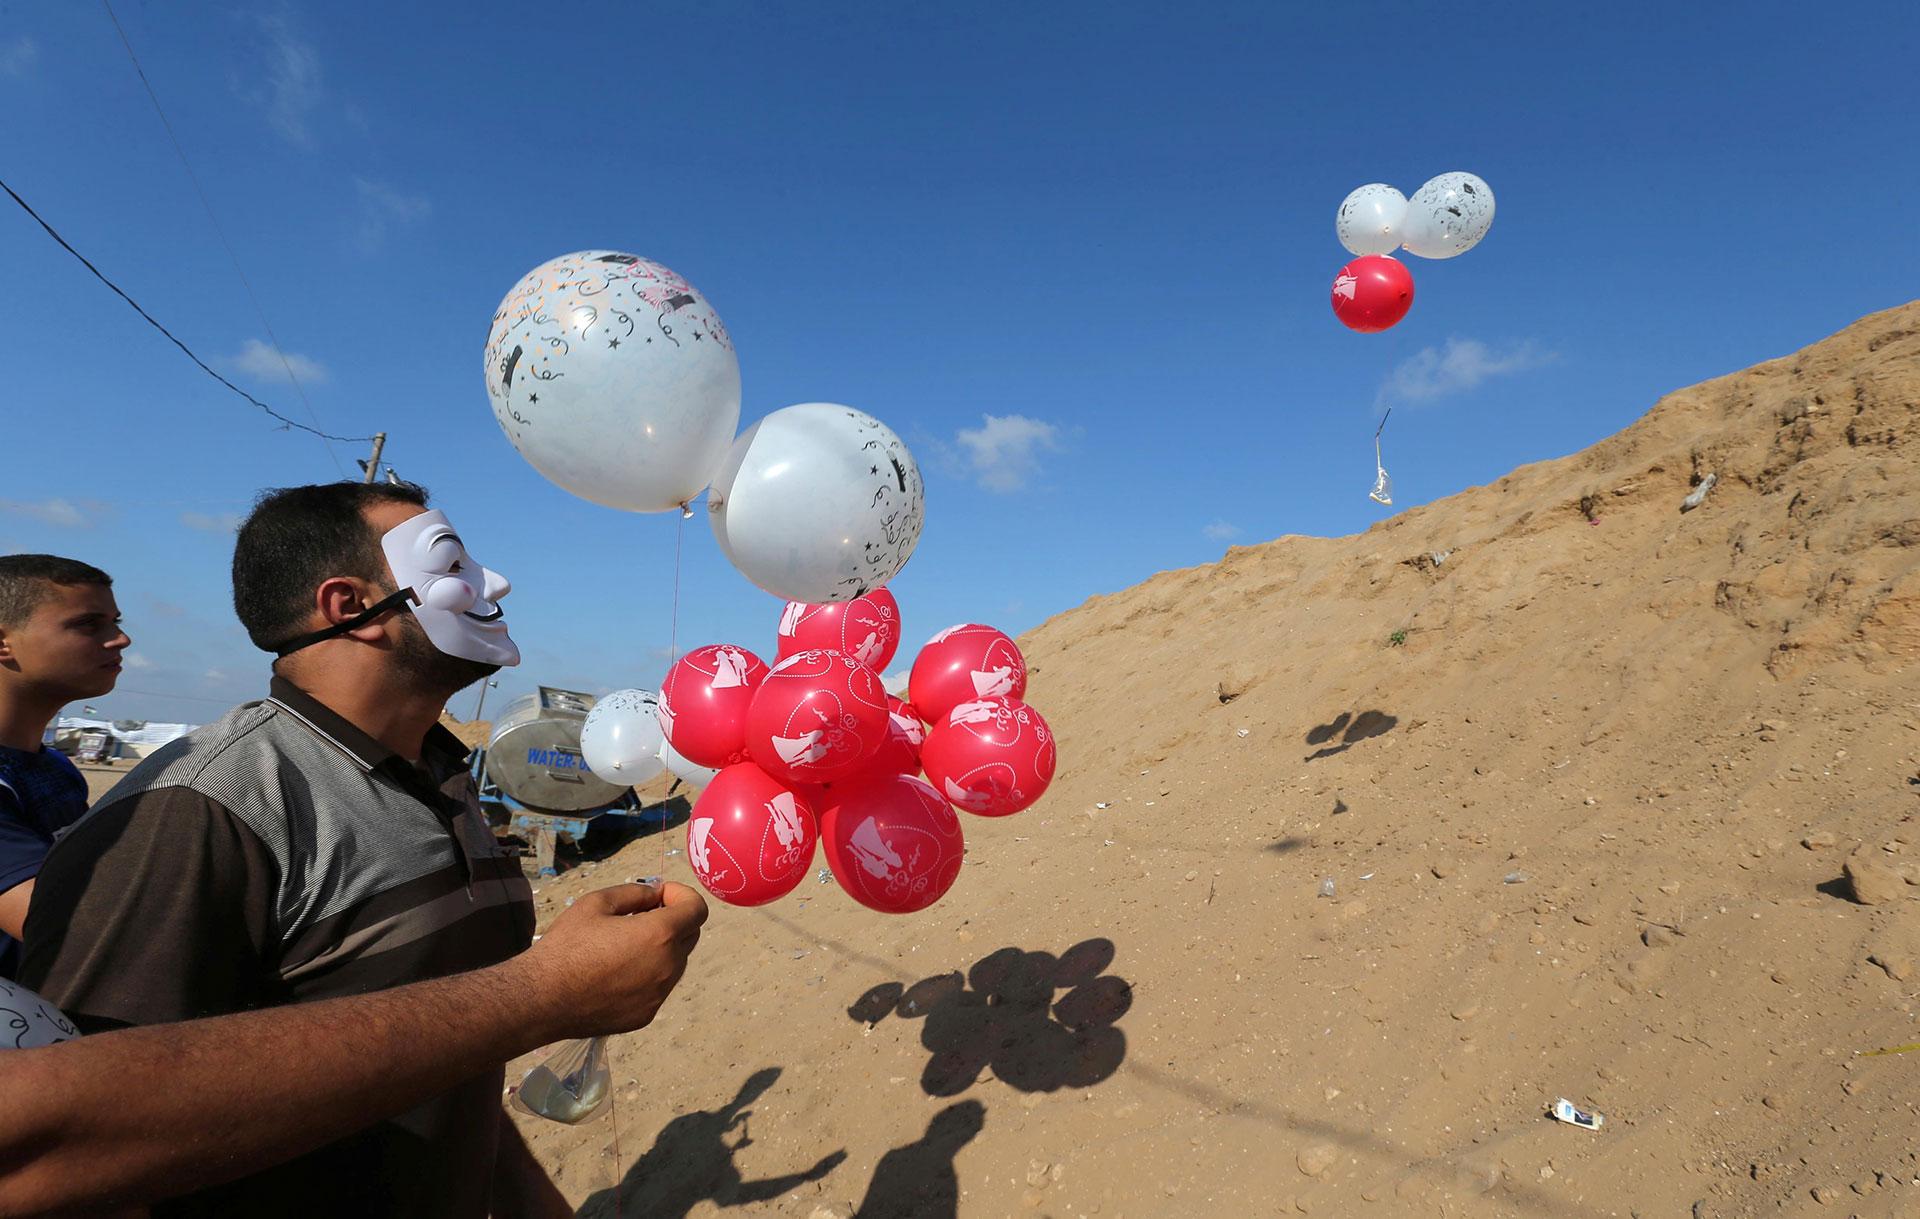 También los globos cargados de helio se usan para lanzar estos artefactos incendiarios (Reuters)